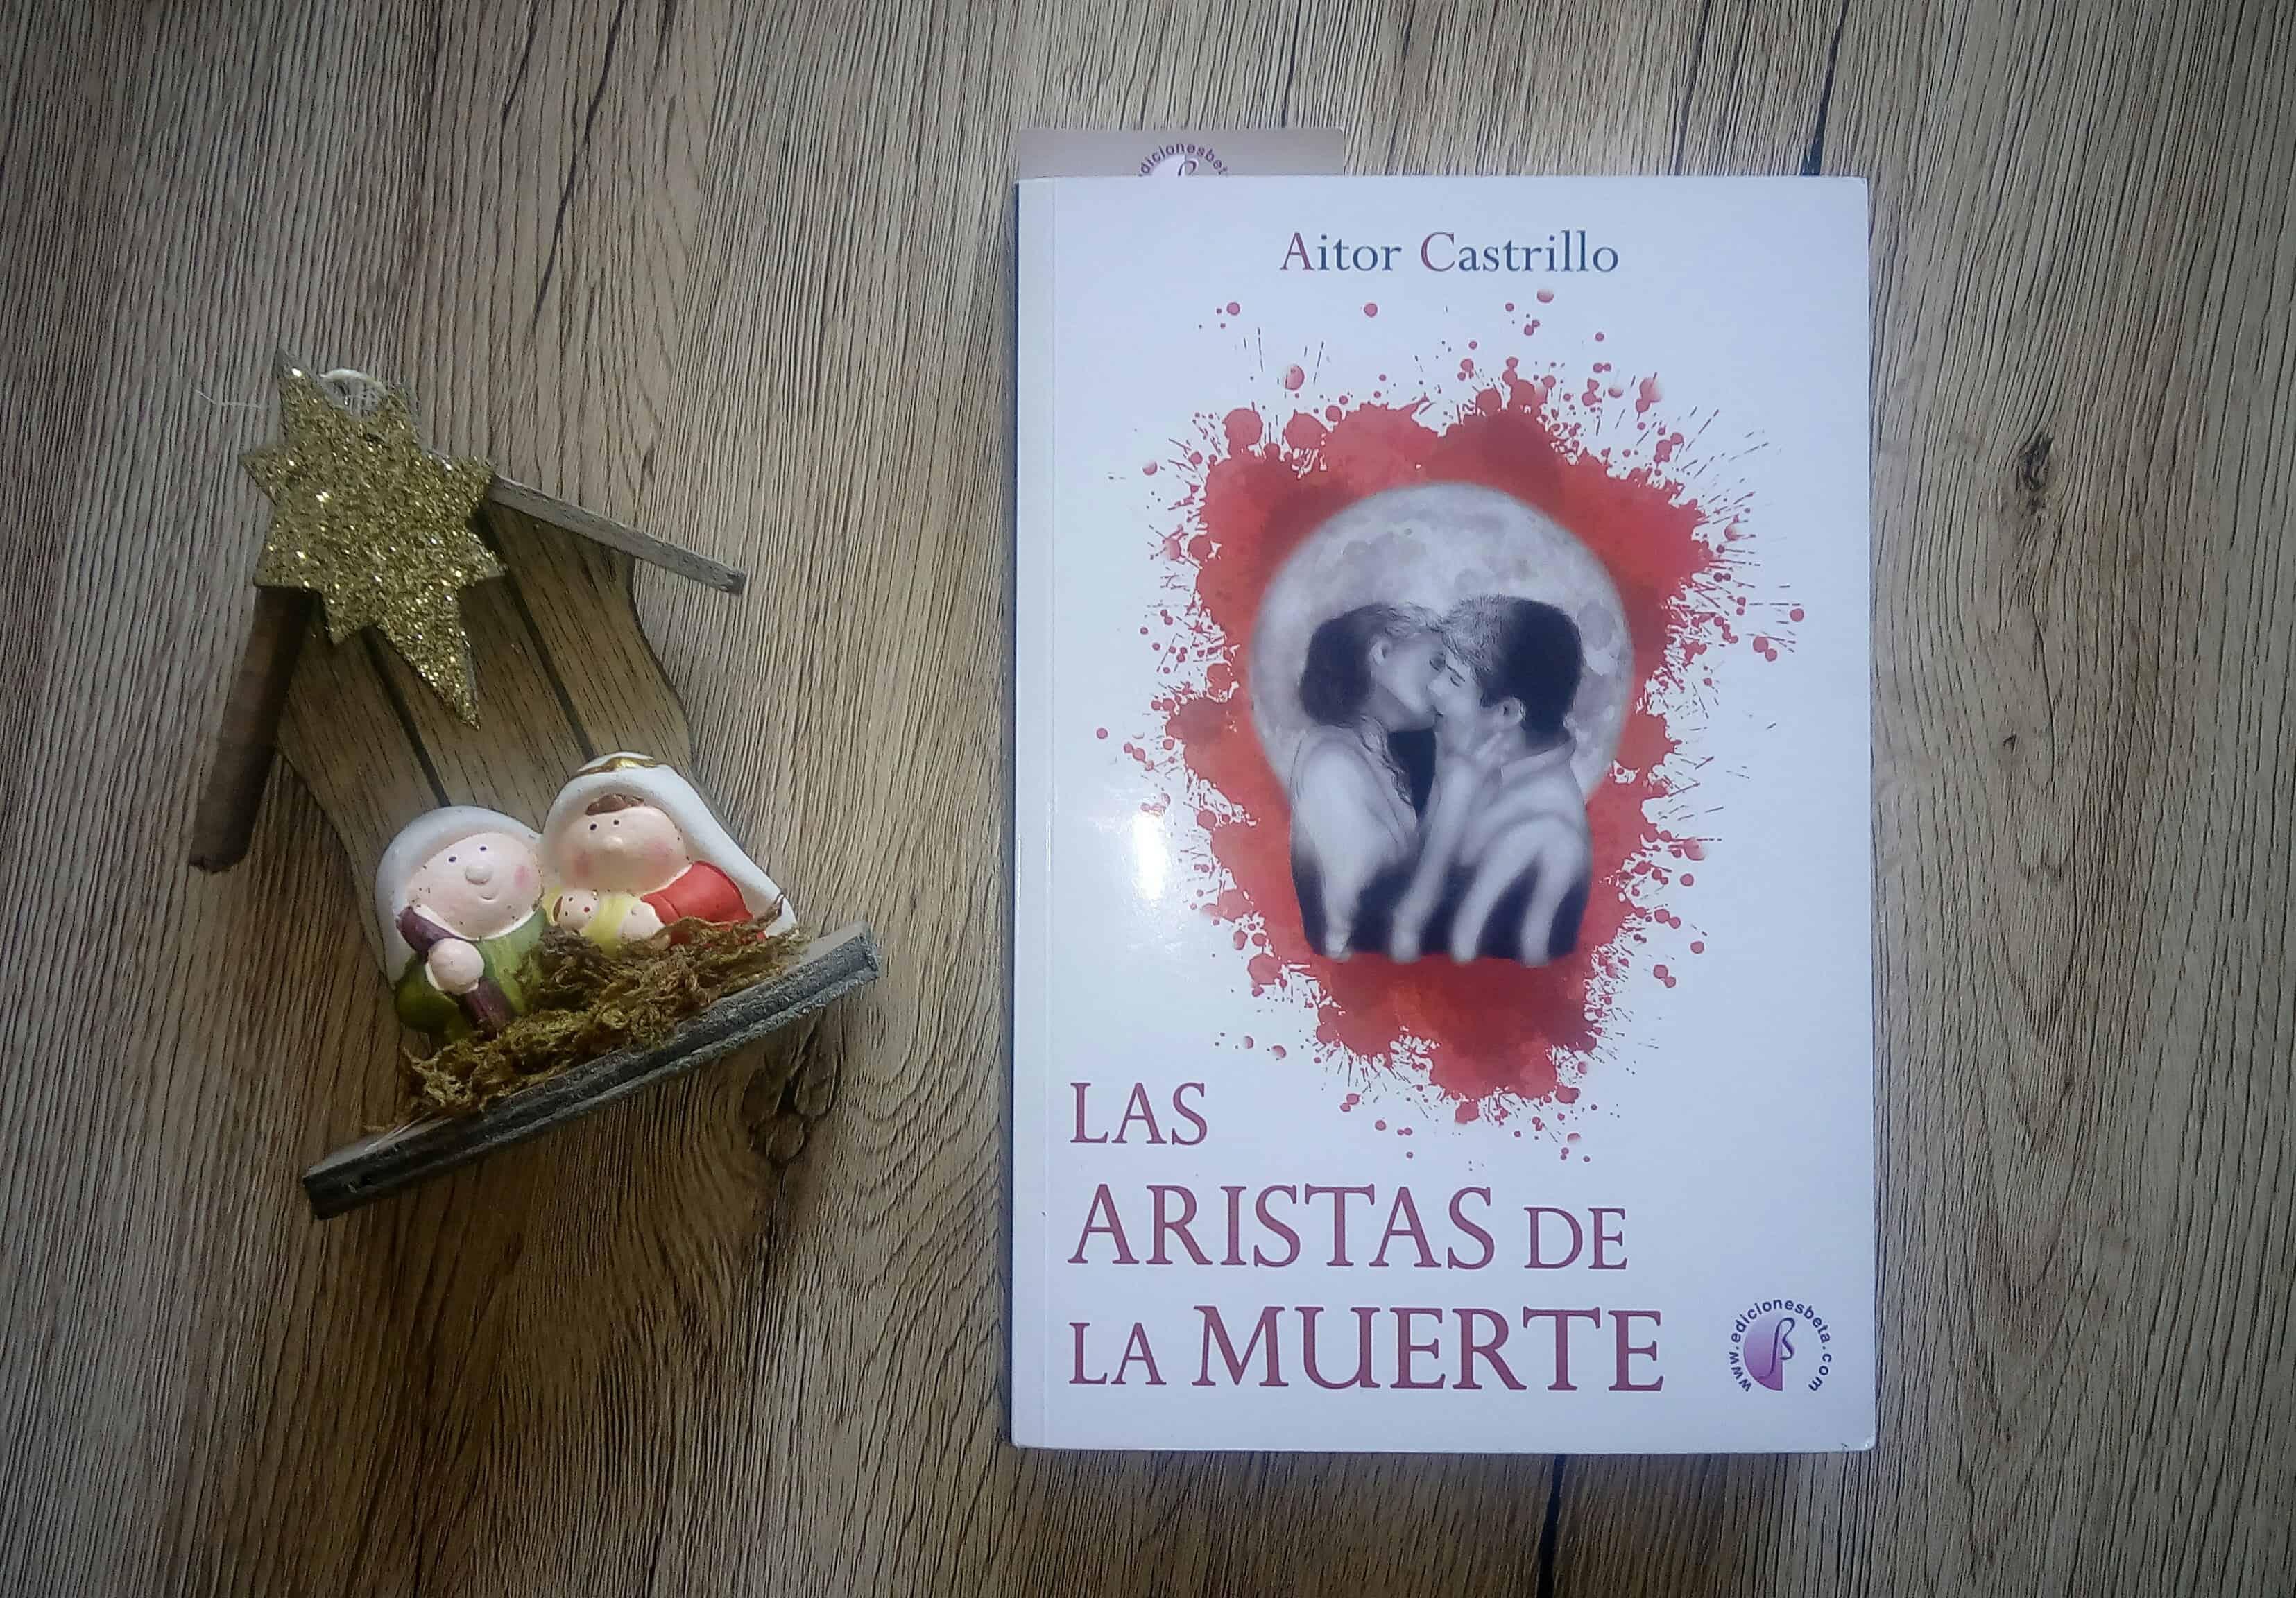 LAS ARISTAS DE LA MUERTE, de Aitor Castrillo.